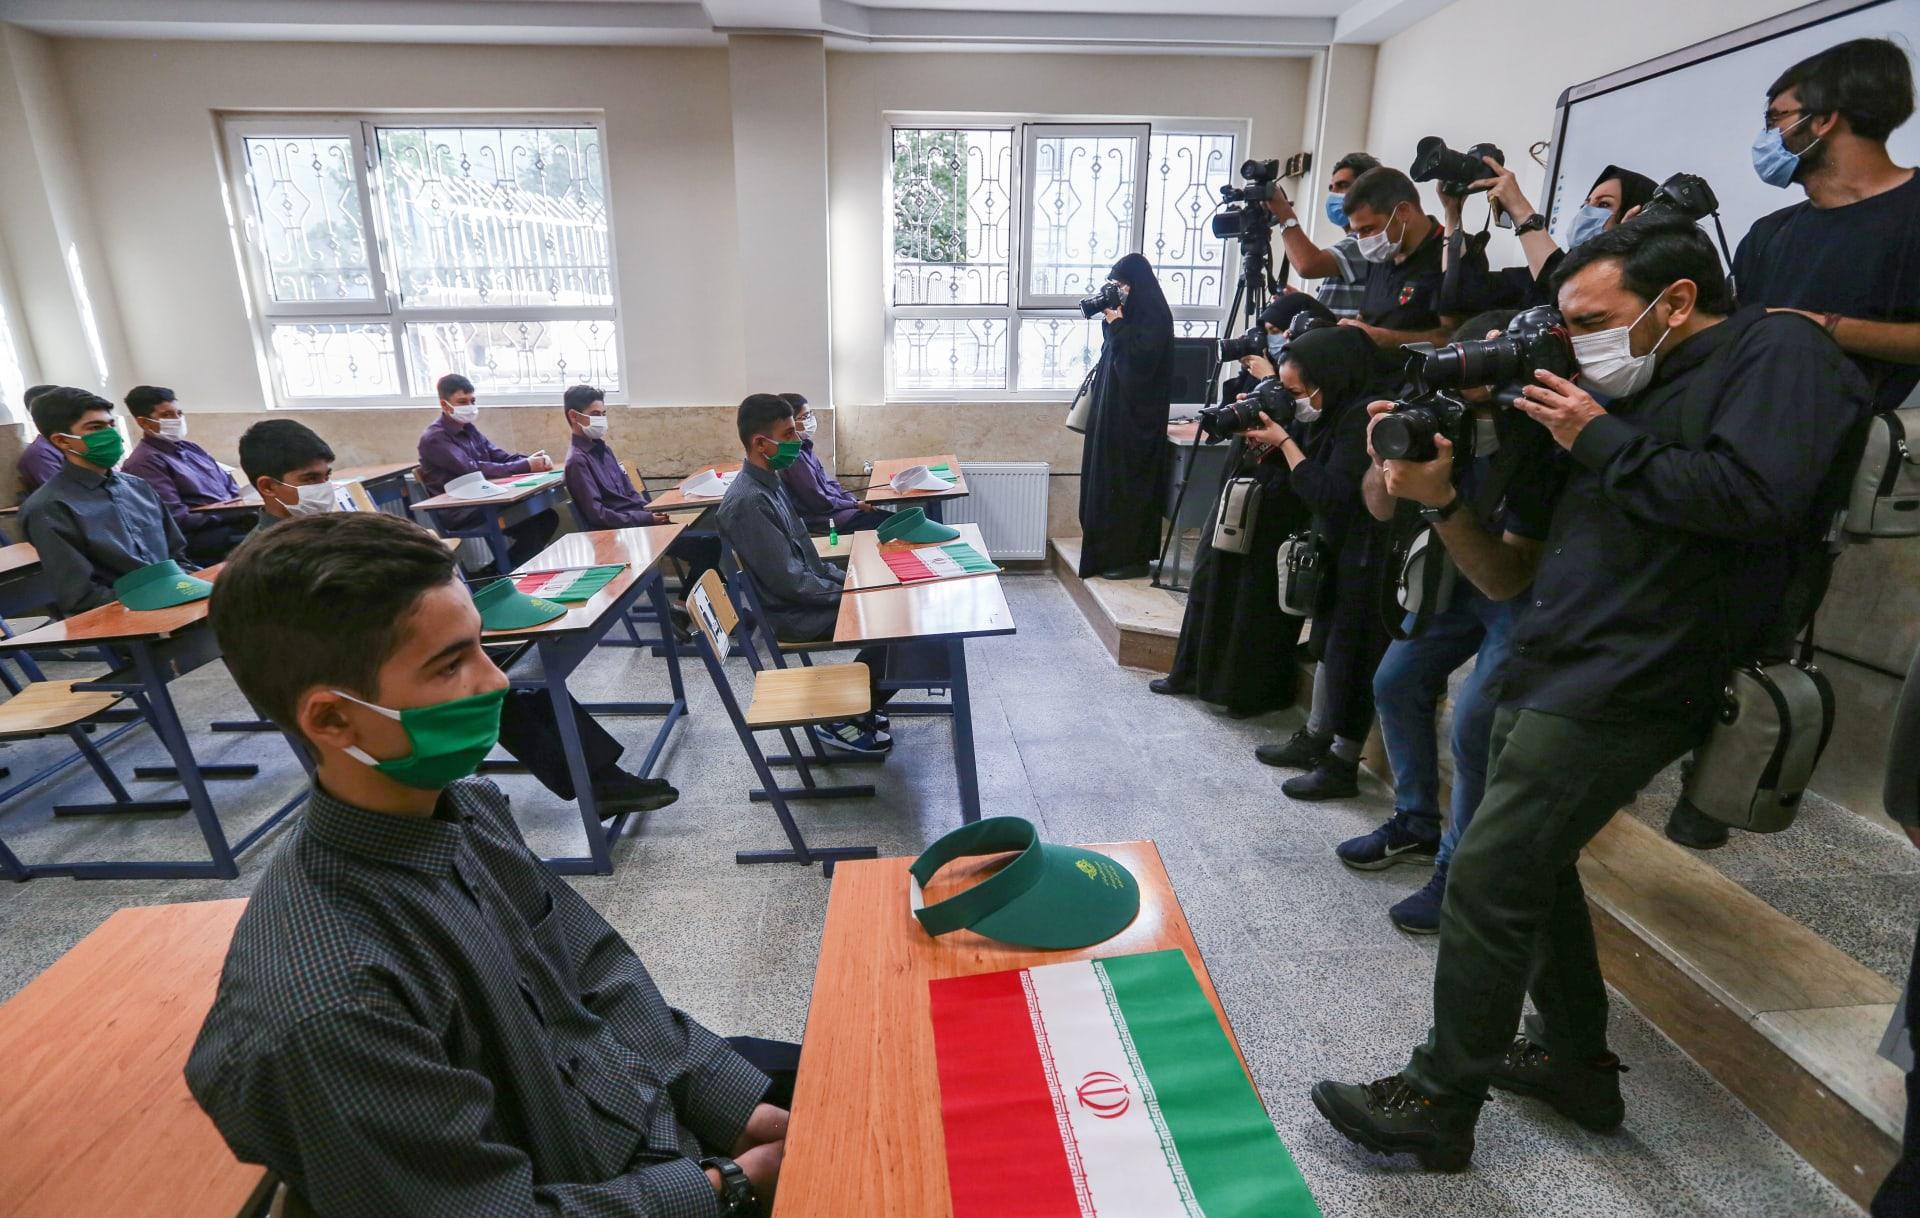 إيران تفتح المدارس مع استمرار تزايد الوفيات الناجمة عن كورونا